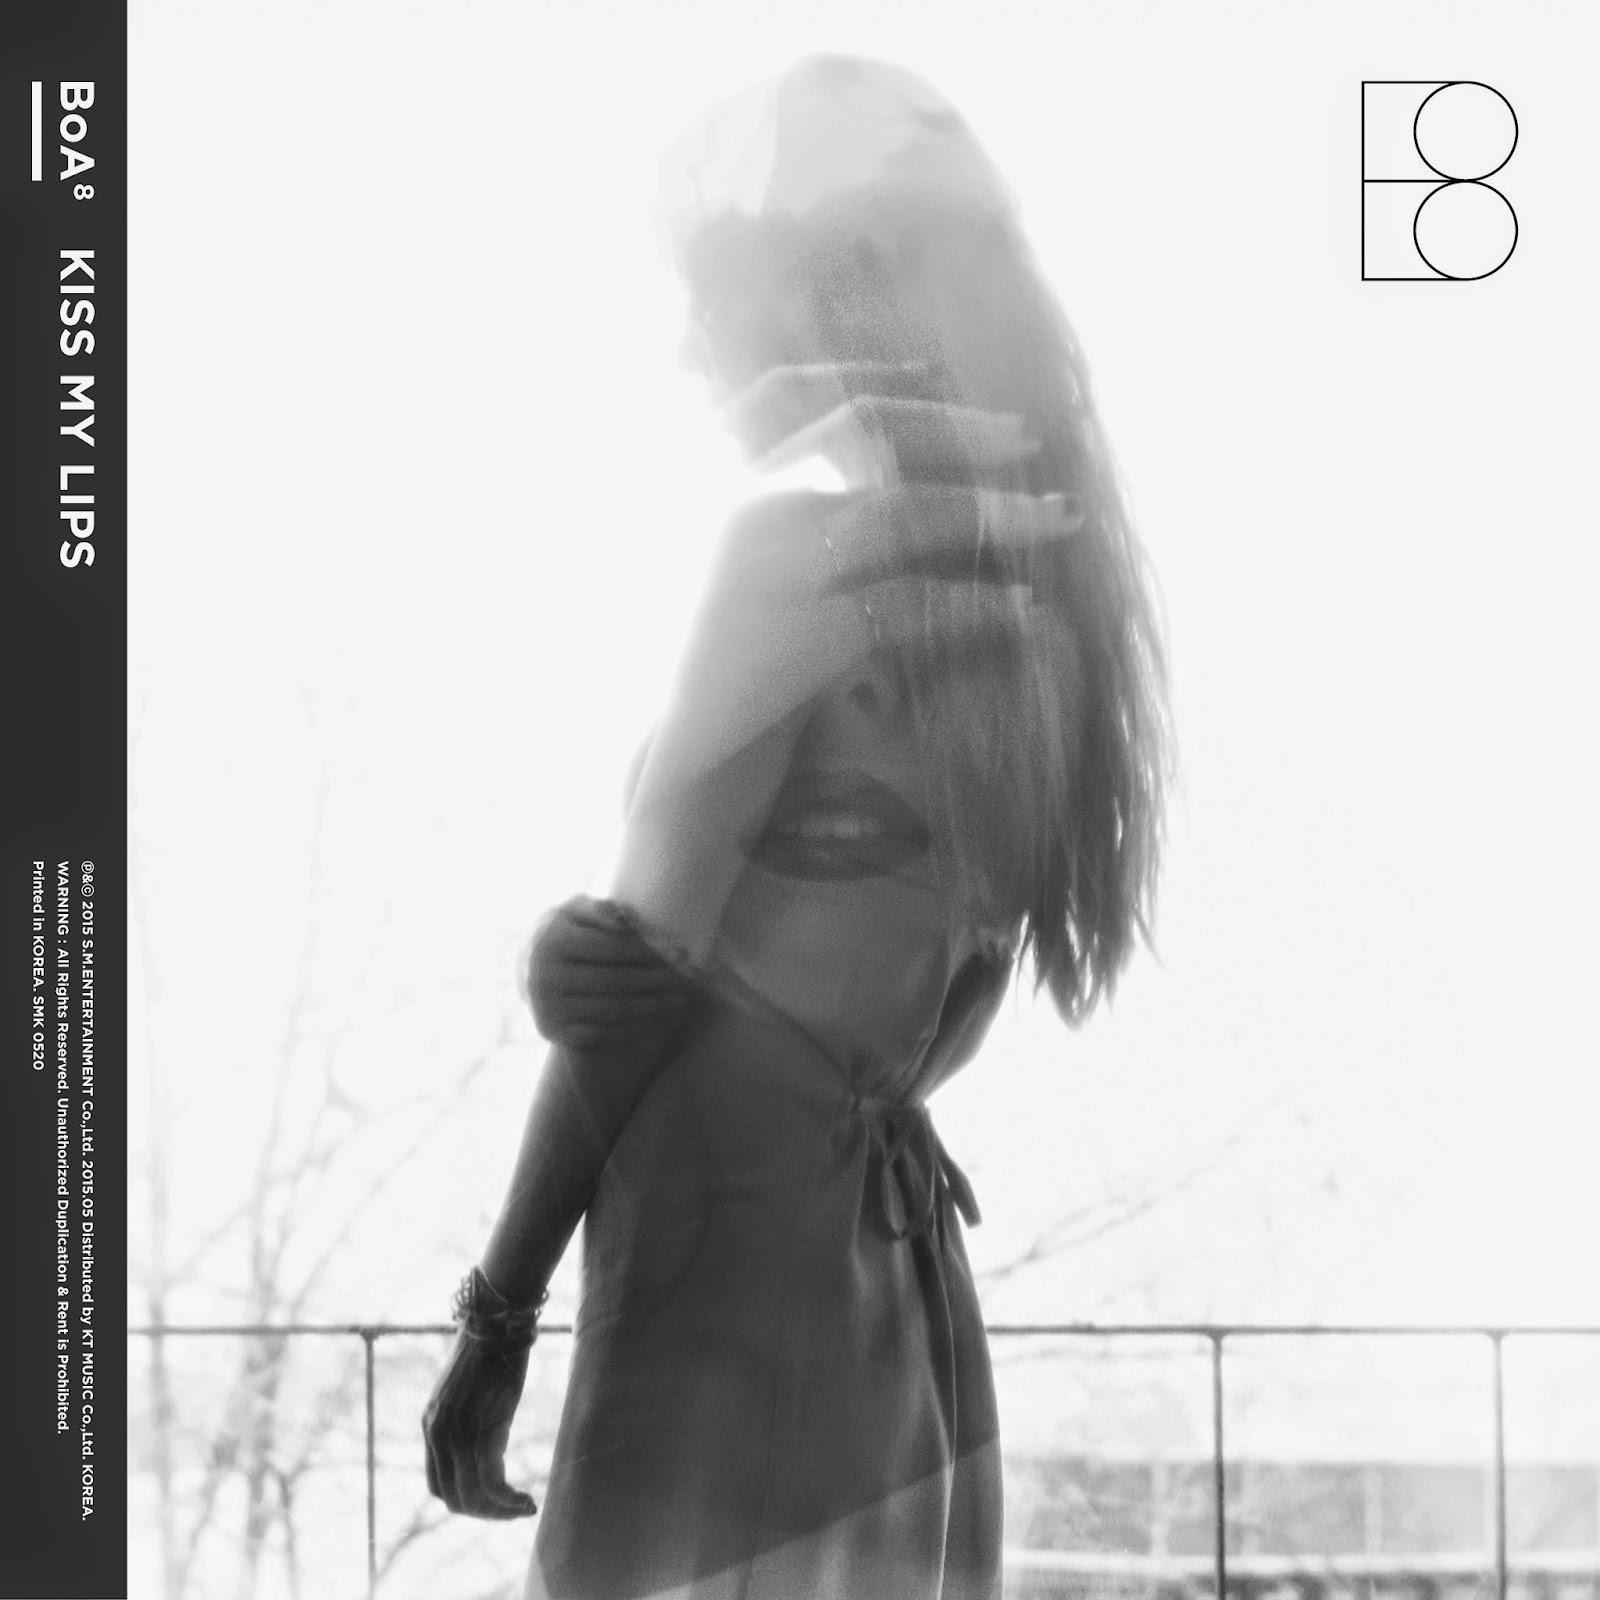 BOA 8th Kiss My Lips album  J7L6DvH